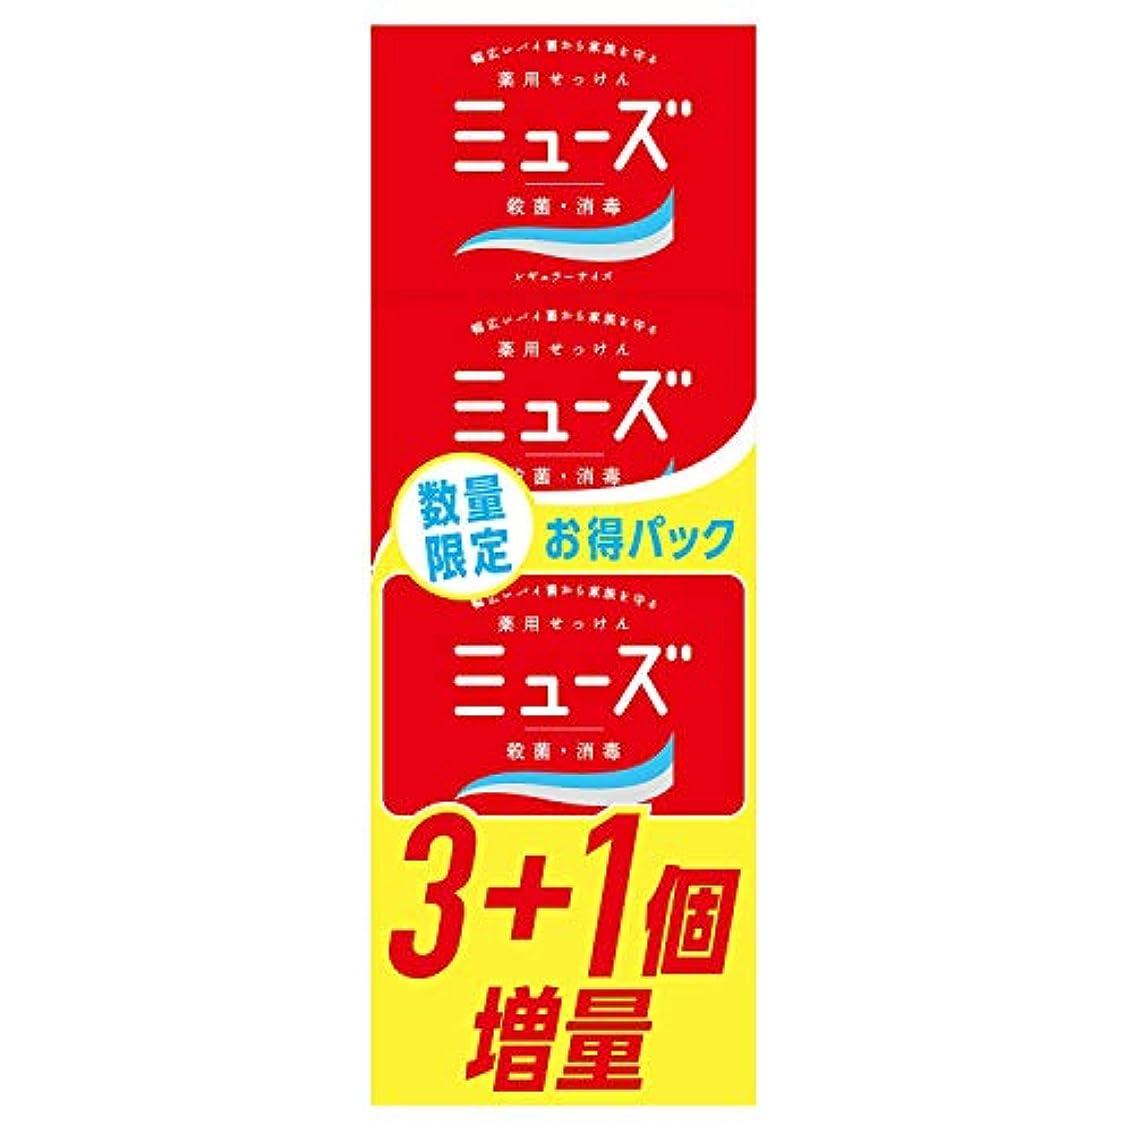 例示する質素なラウンジ【医薬部外品】ミューズ石鹸レギュラー 3+1限定品